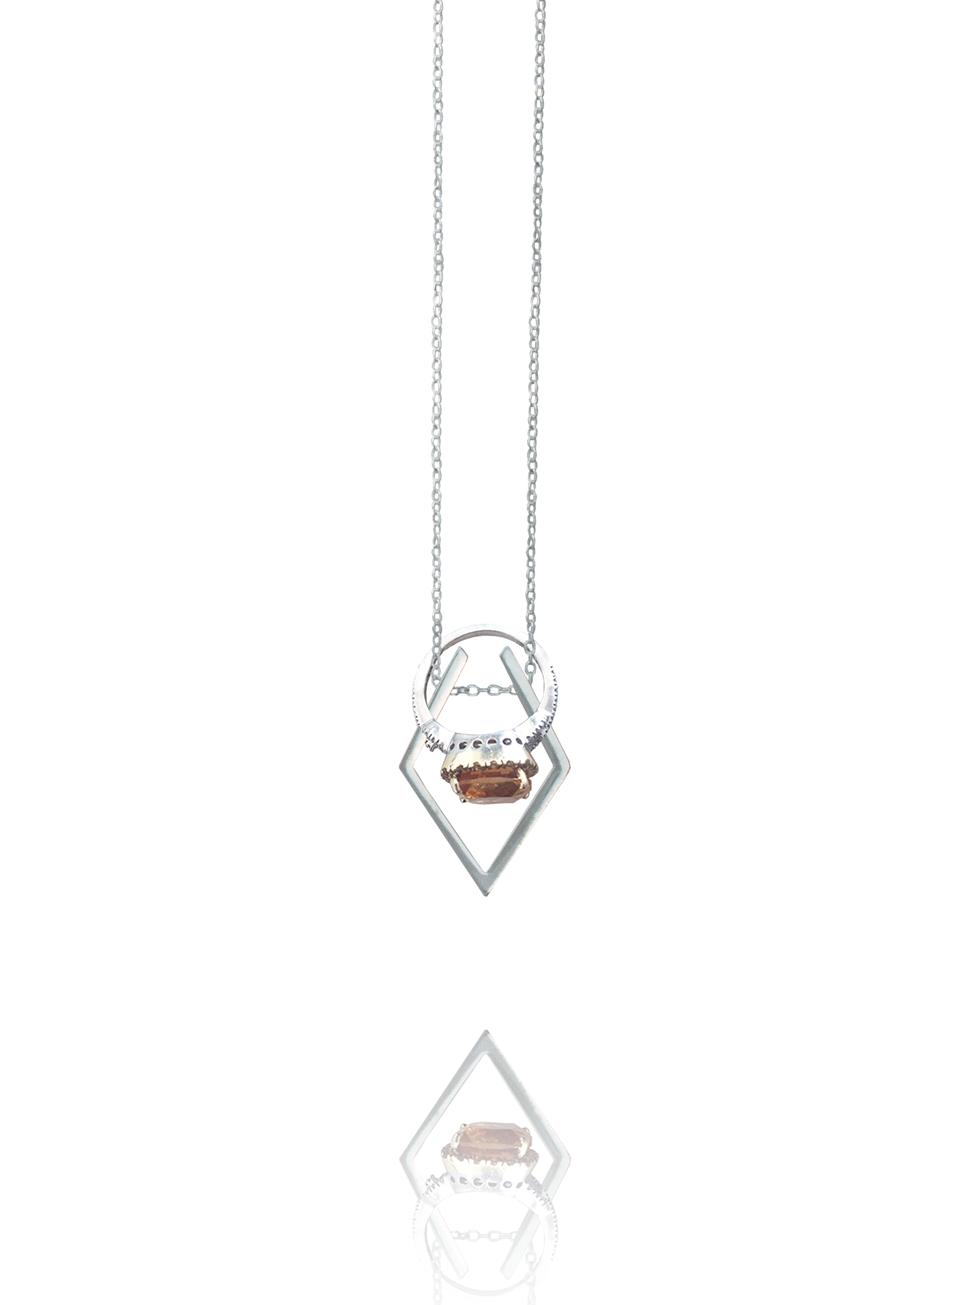 polished bases loaded ringette ring holder necklace solechette 1 - Wedding Ring Holder Necklace